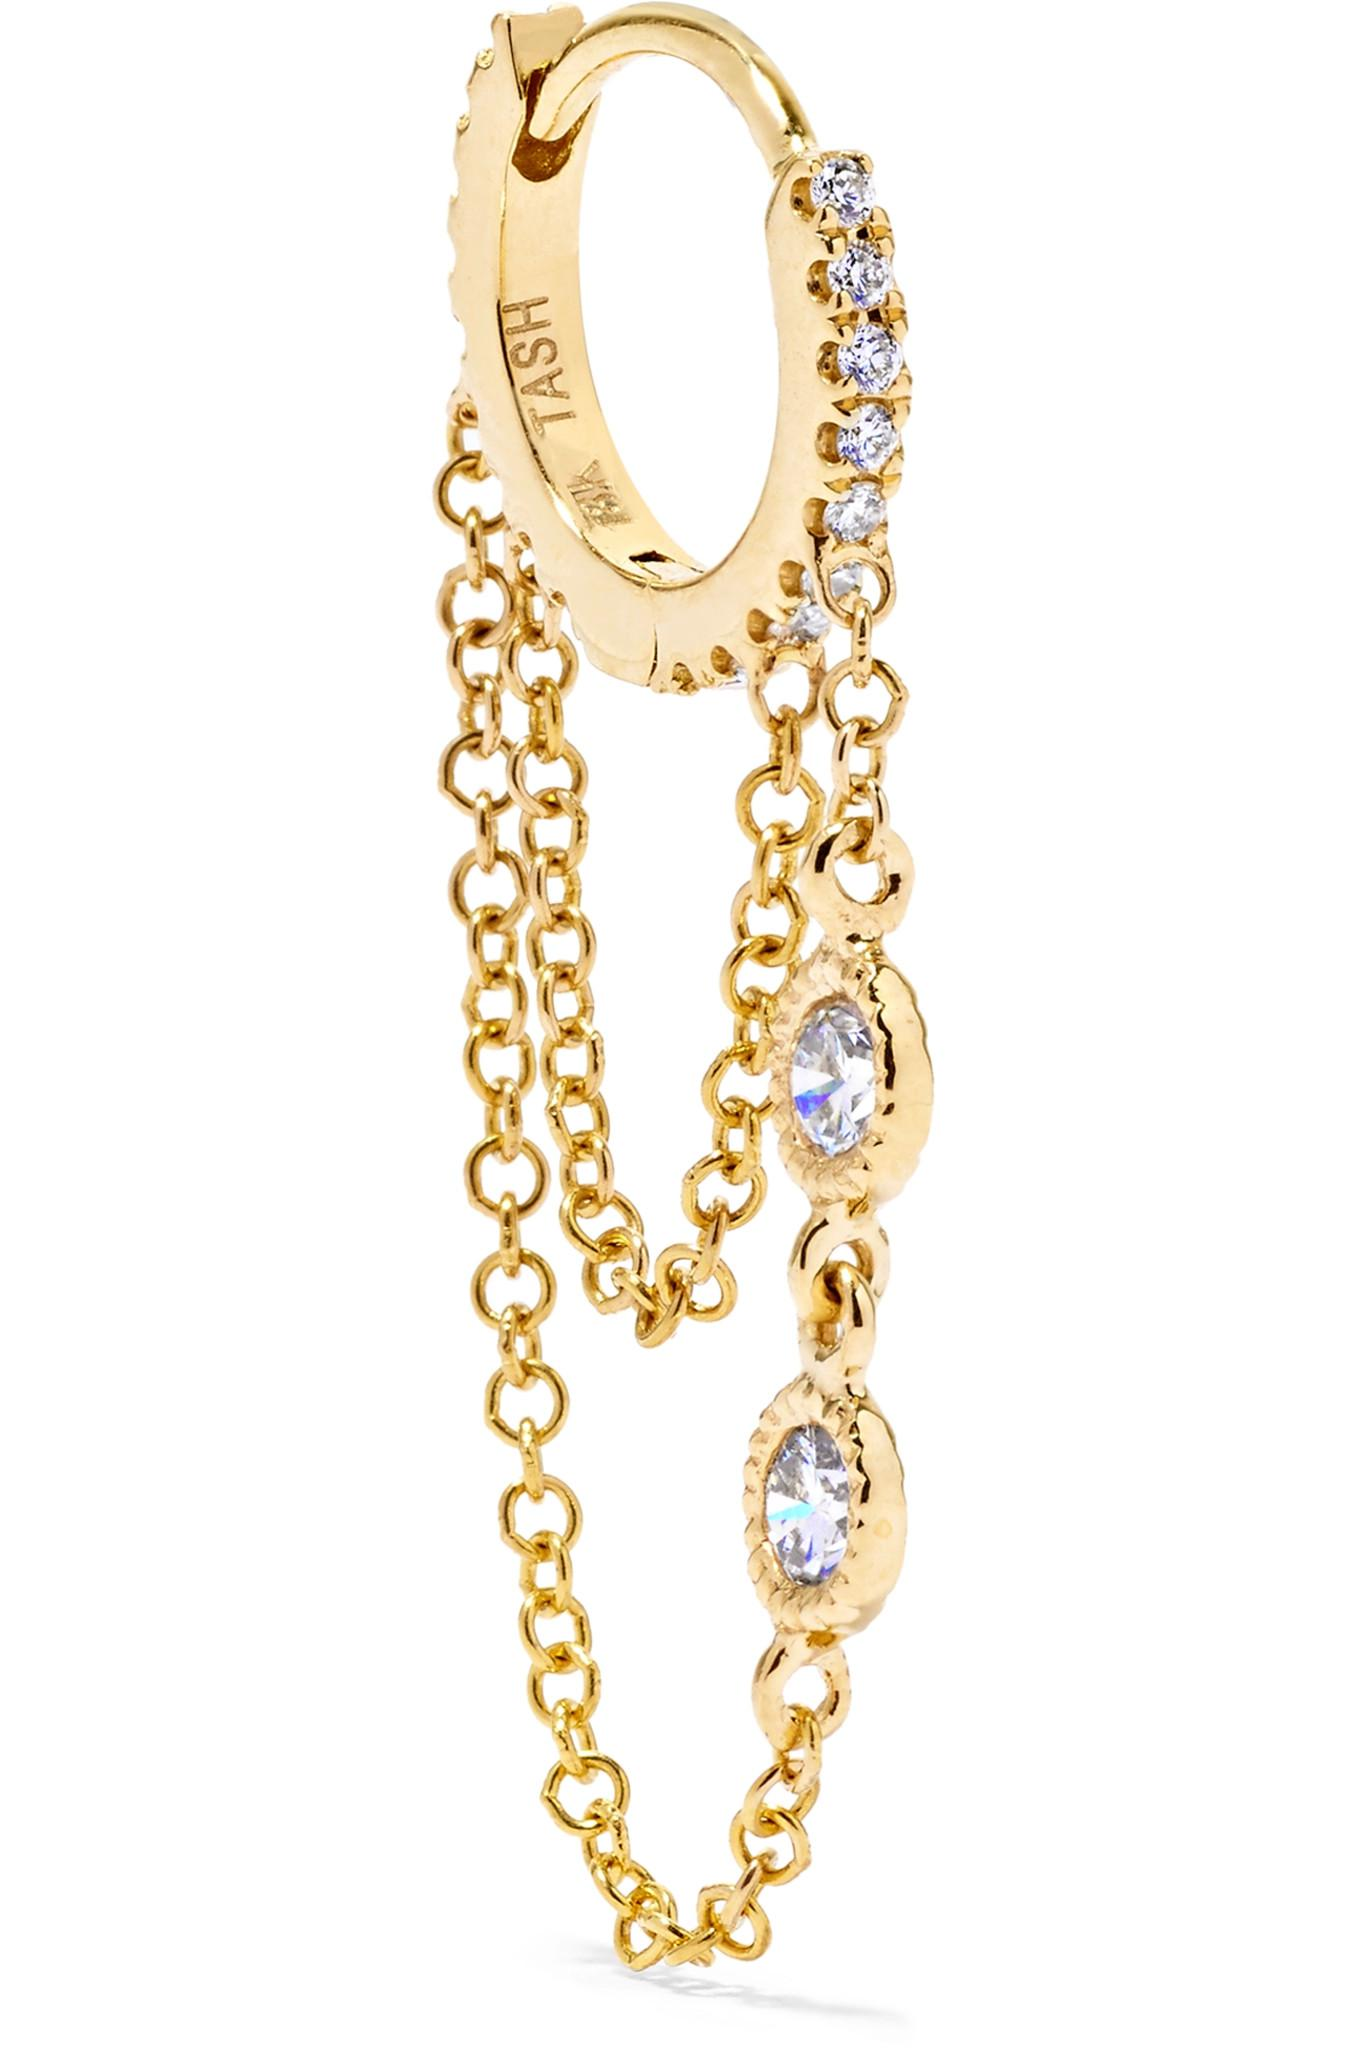 Talon 18-karat Gold Diamond Earring - one size Maria Tash 8wTSggWFJ6